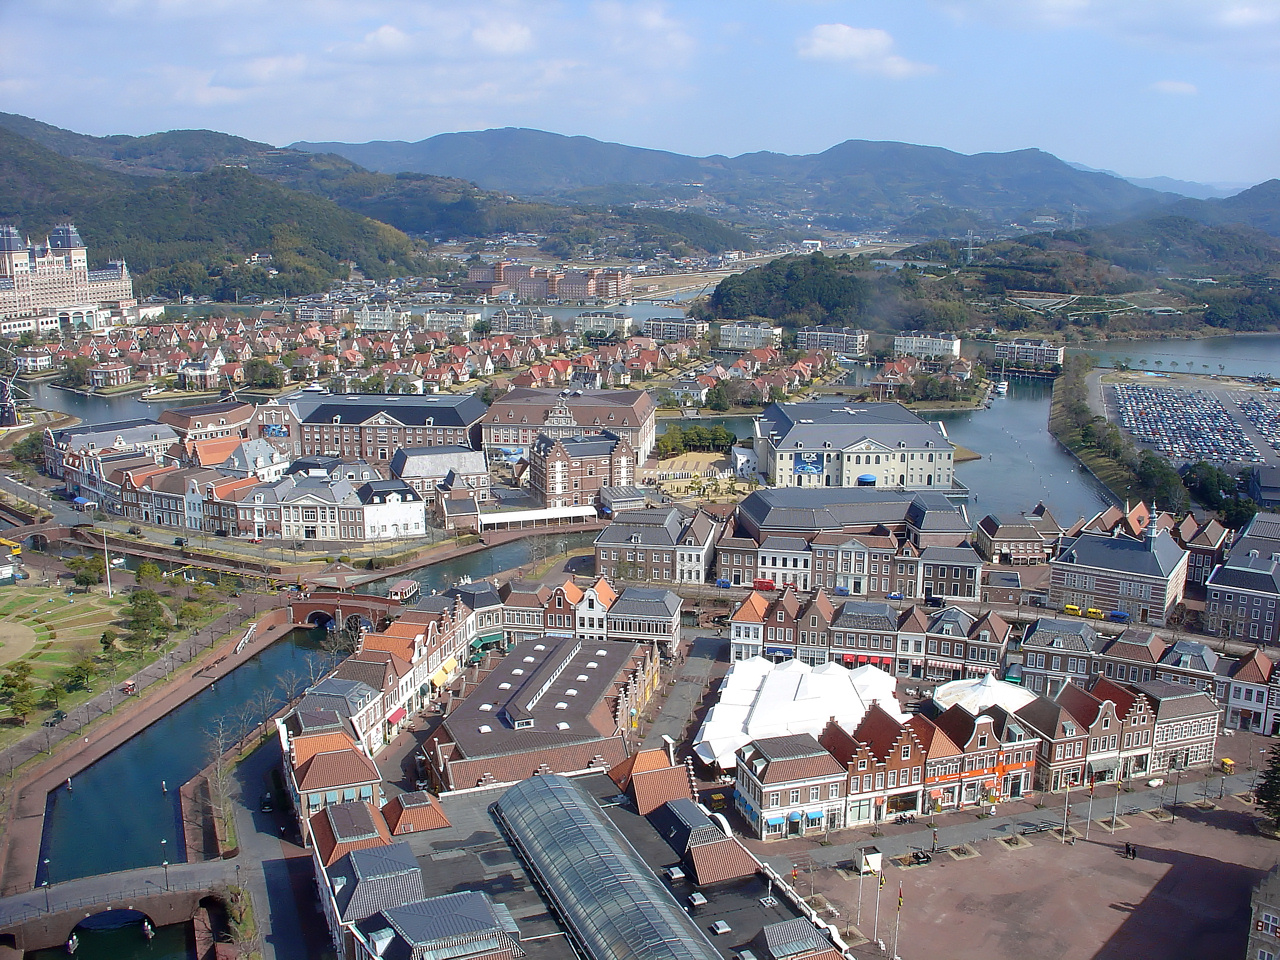 ハウステンボス(2008年3月15日以前の写真)